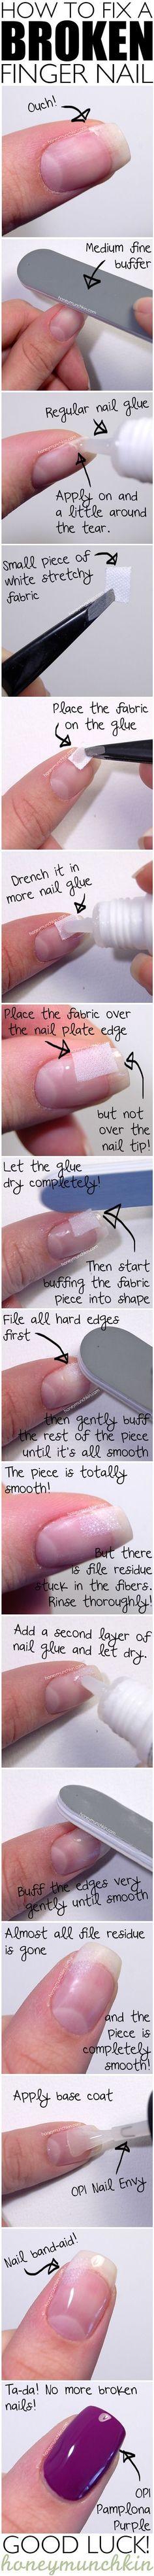 How to fix a broken nail guys :D